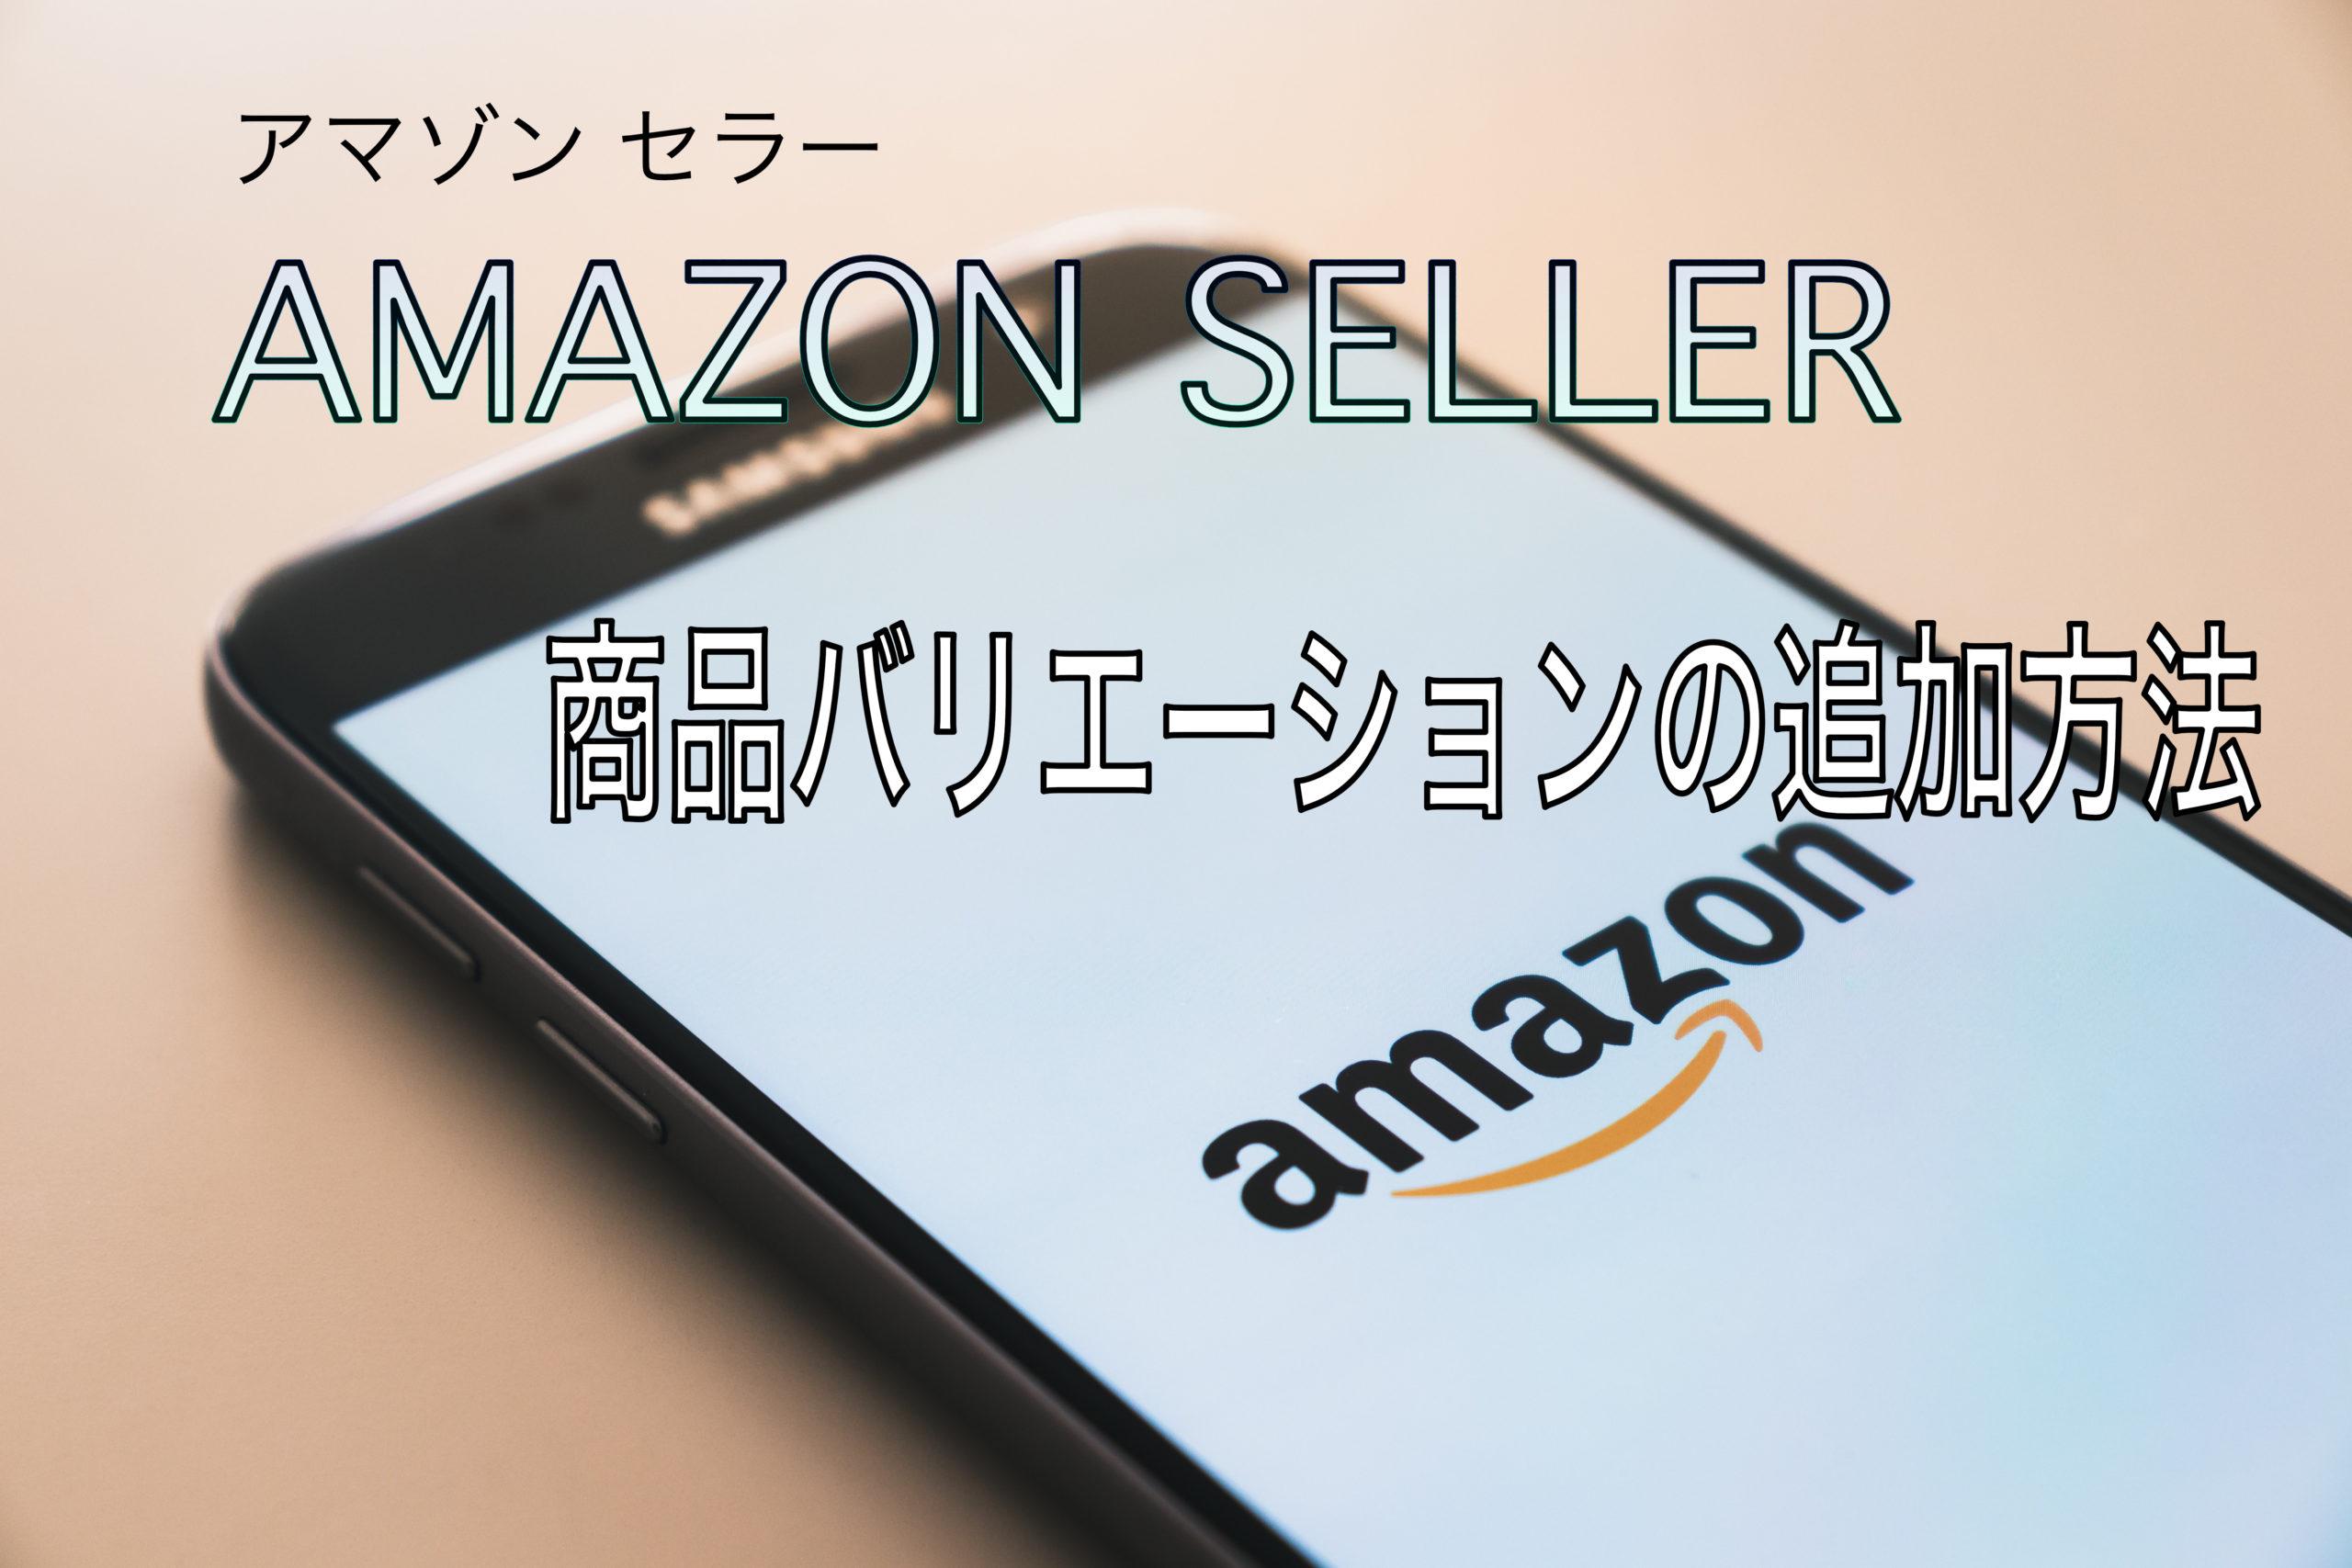 amazon seller variation